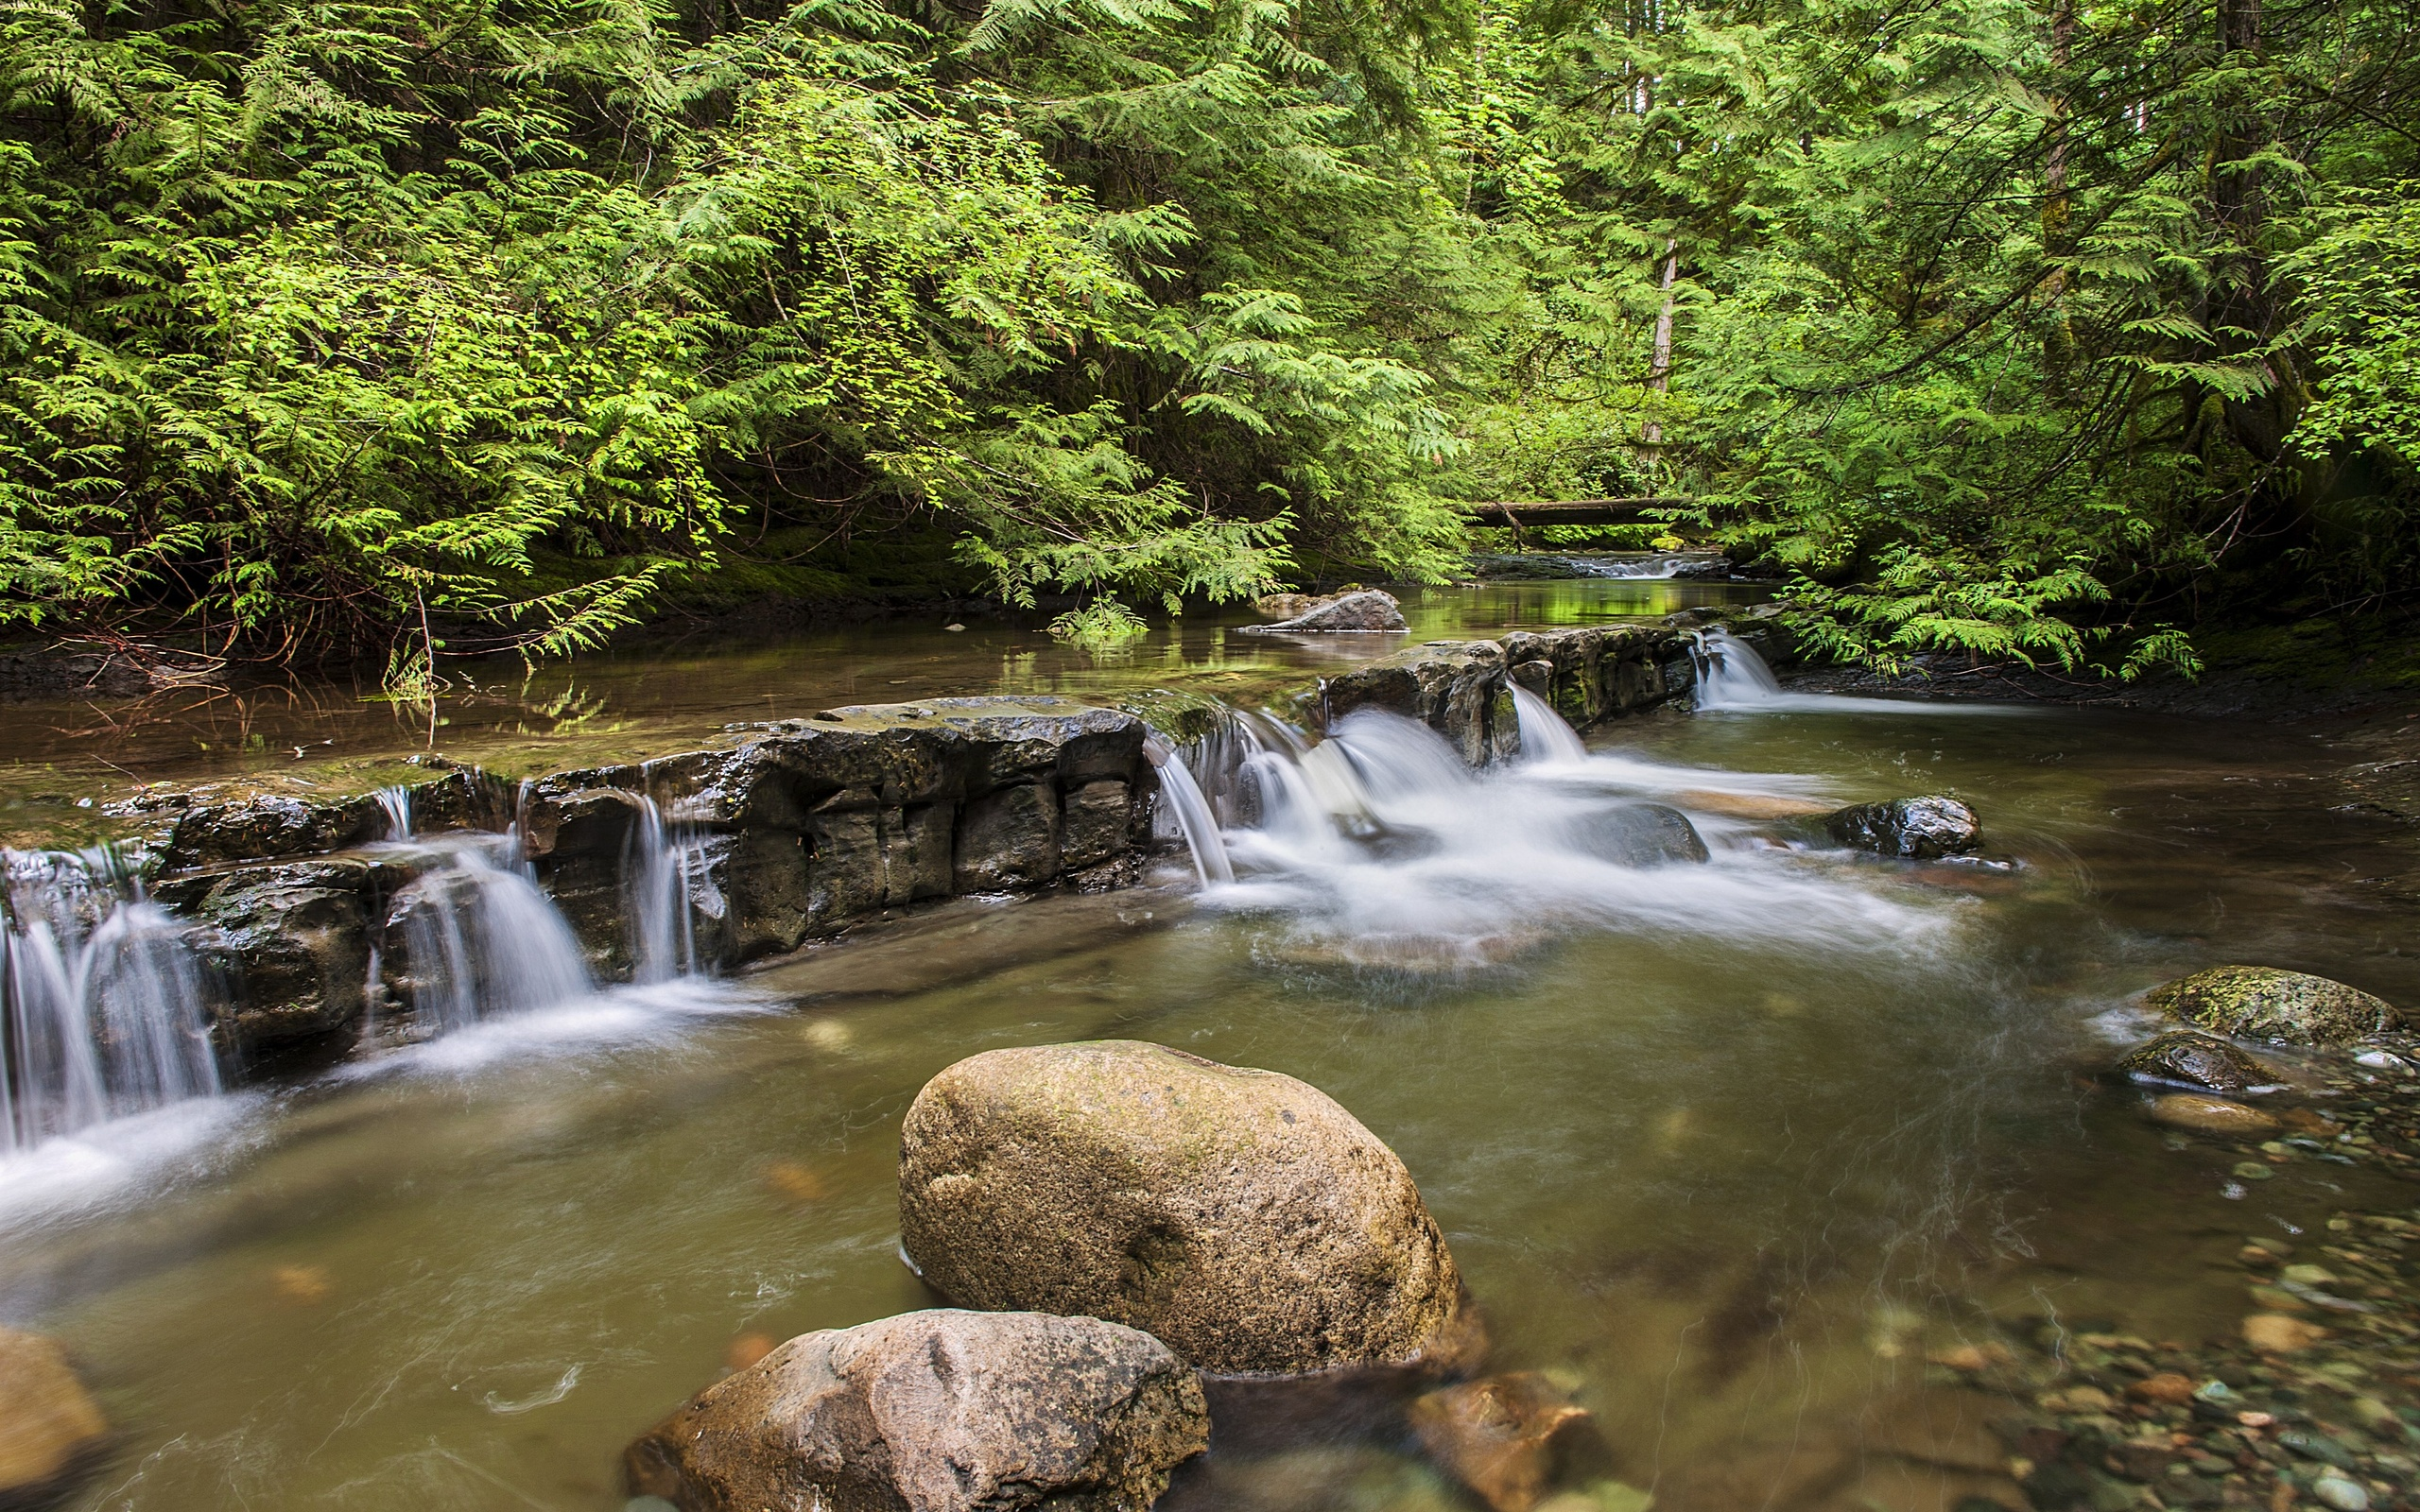 устойчивого красивые фото водопадов на рабочий стол опровергла